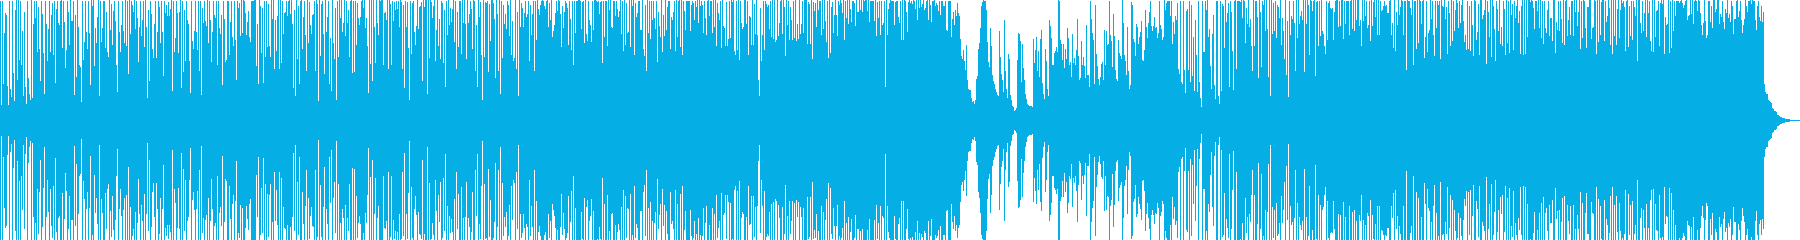 軽快かつ怪しげなスイングジャズの再生済みの波形